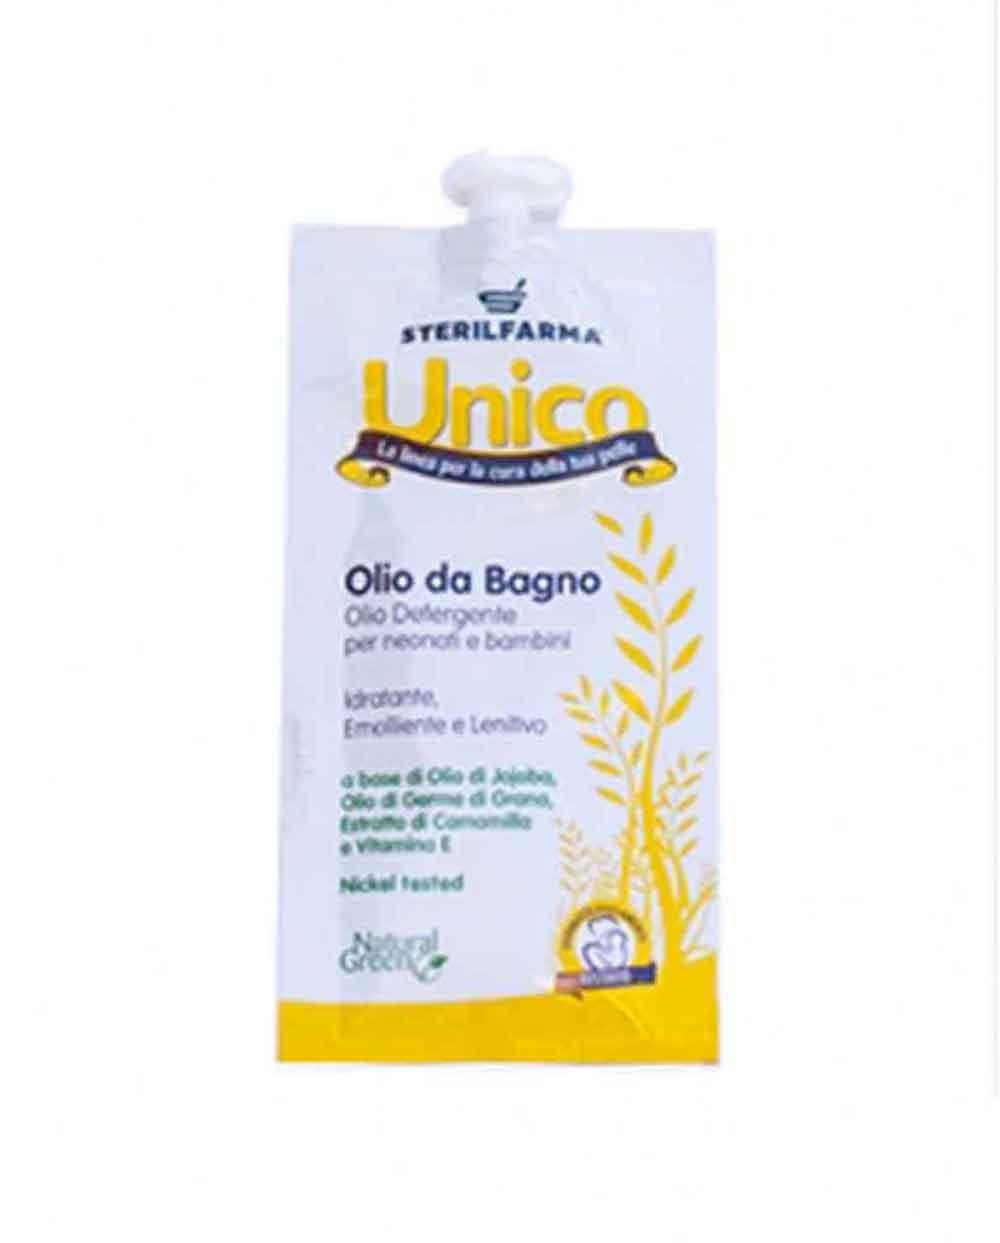 UNICO vonios aliejus, 10 ml